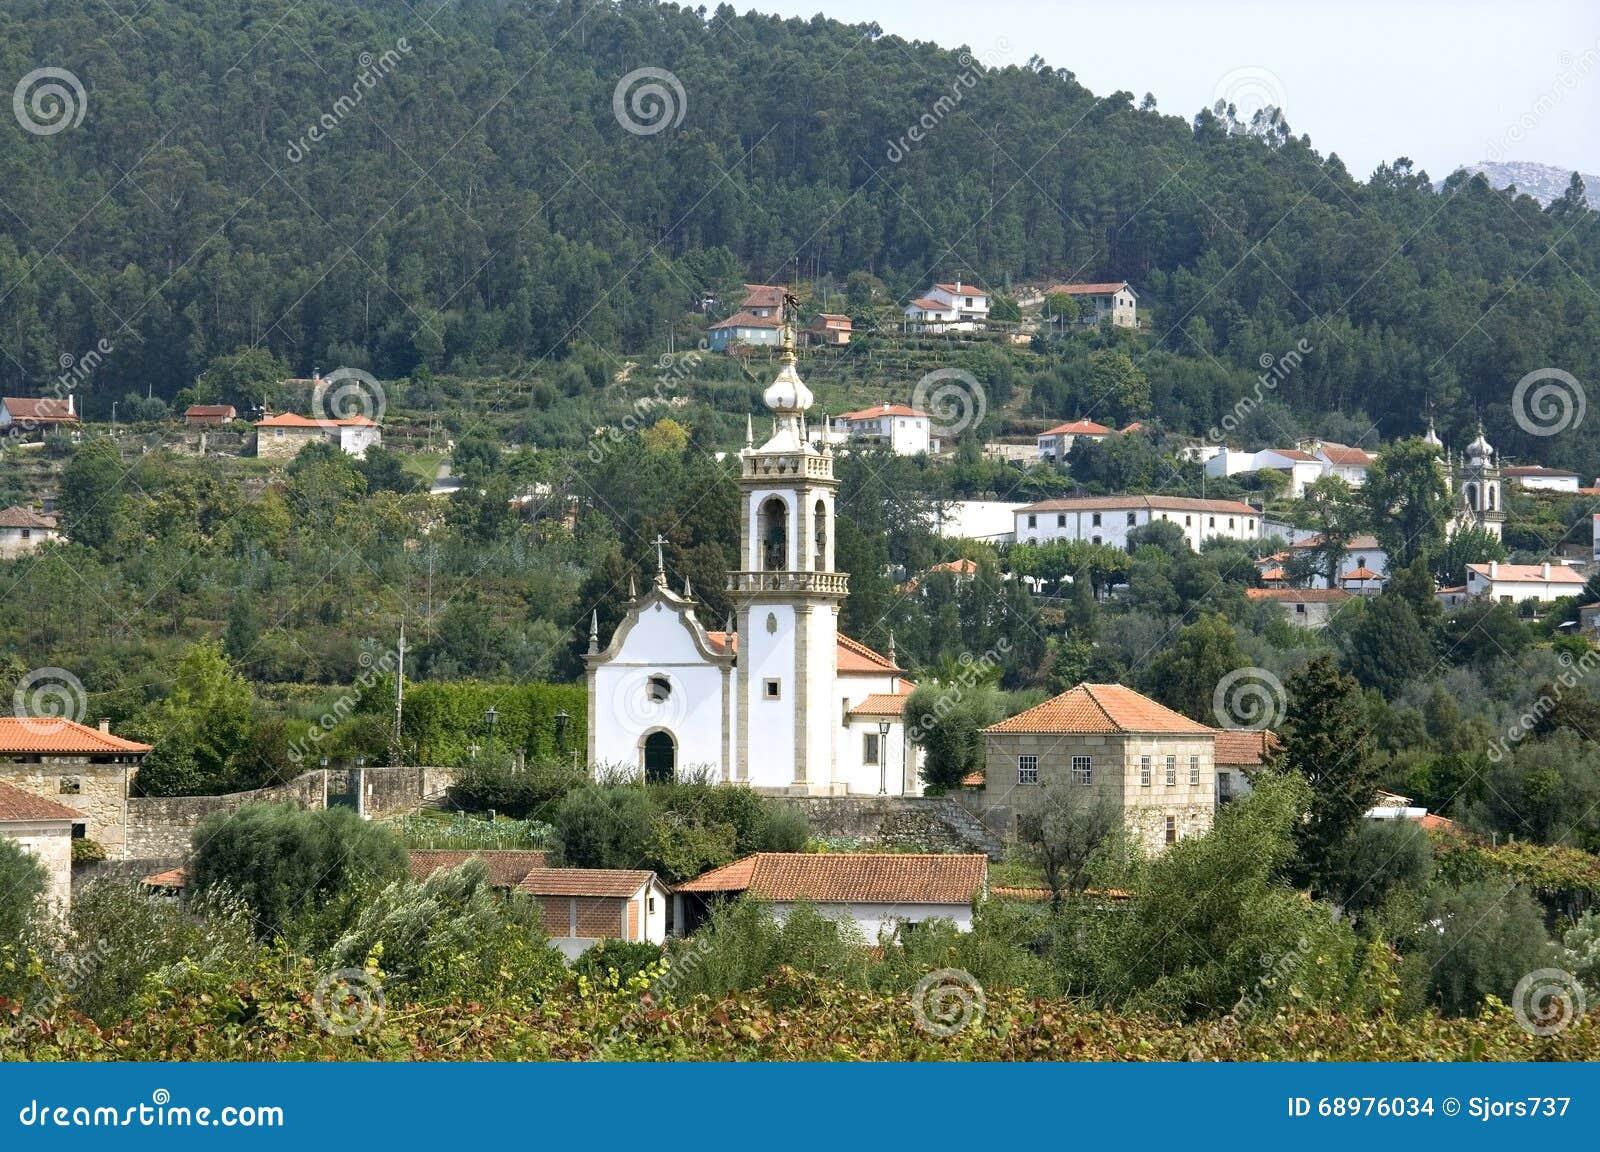 Aldeia da montanha típica da opinião da vila, Portugal norte